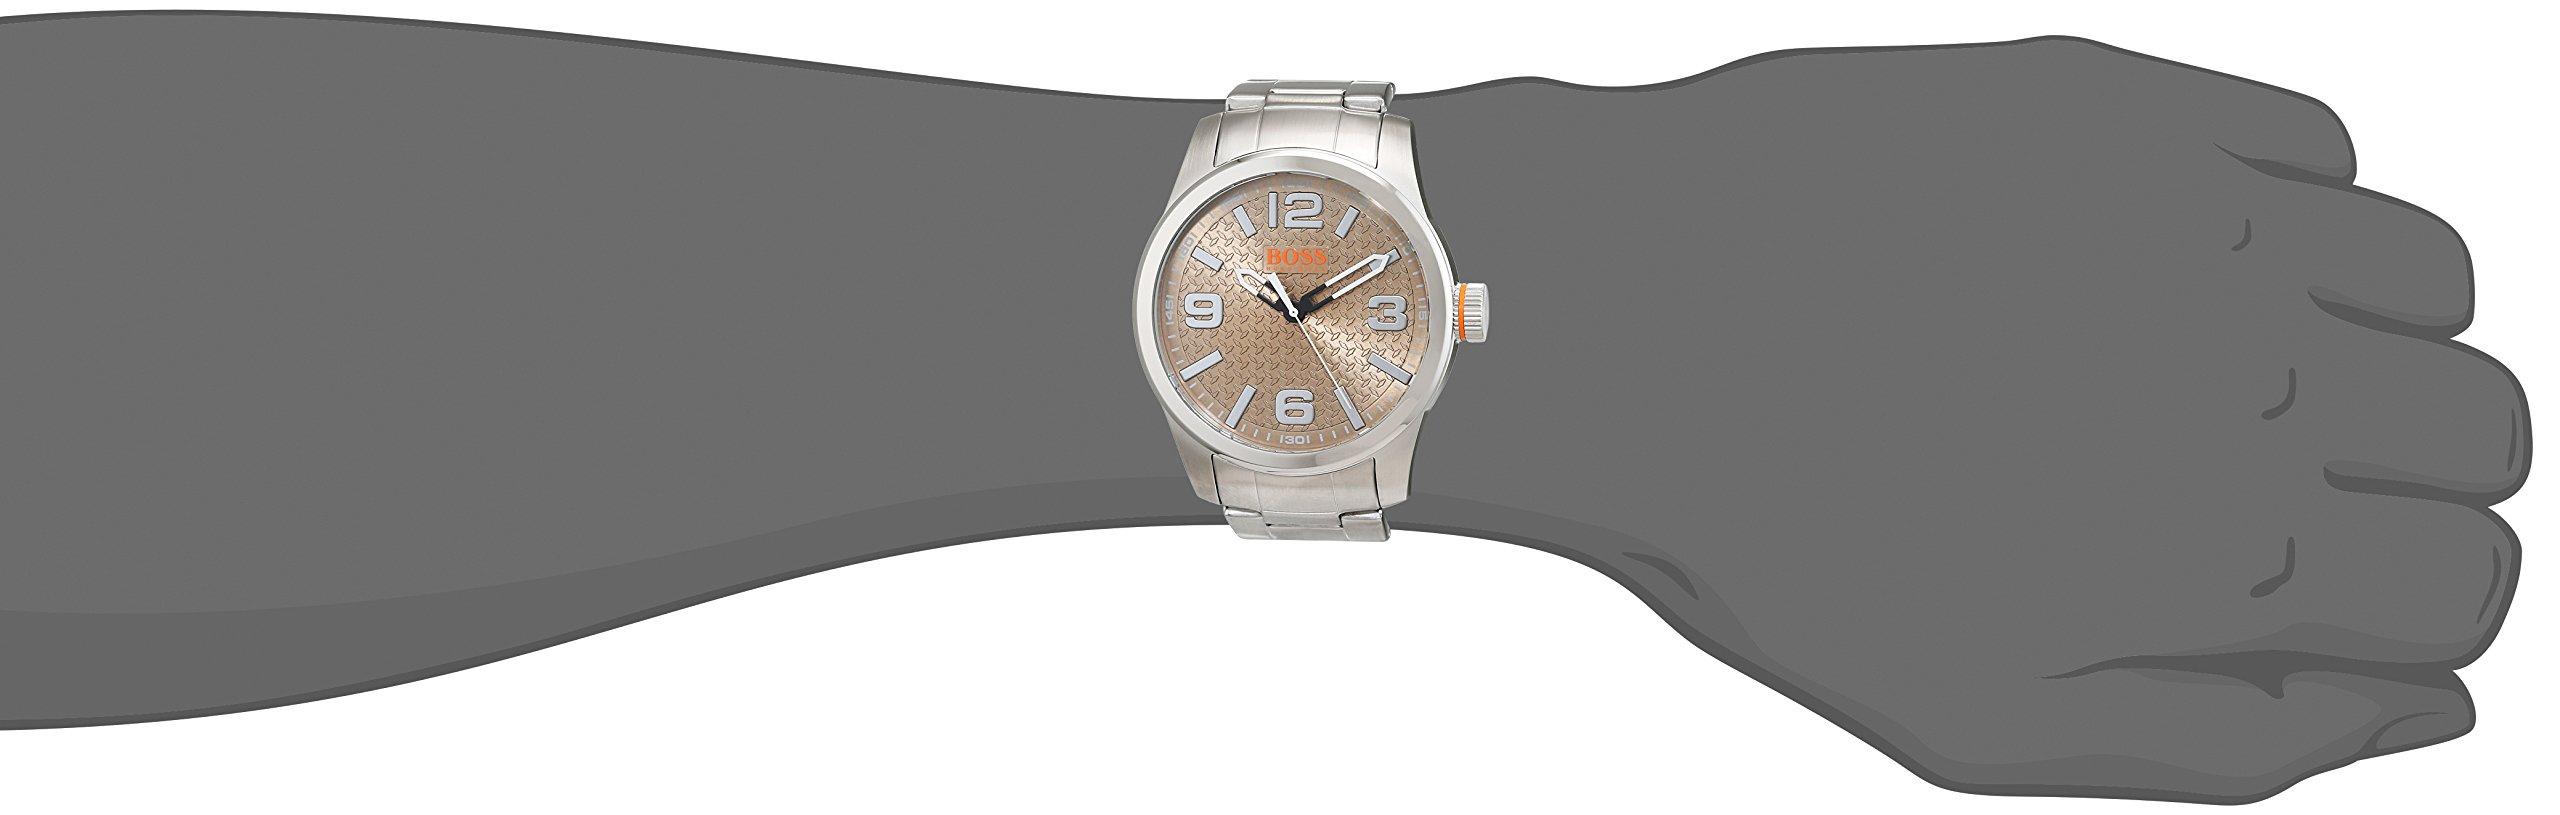 61UEPhZLwHL - Reloj Hugo Boss Orange para Hombre 1550051